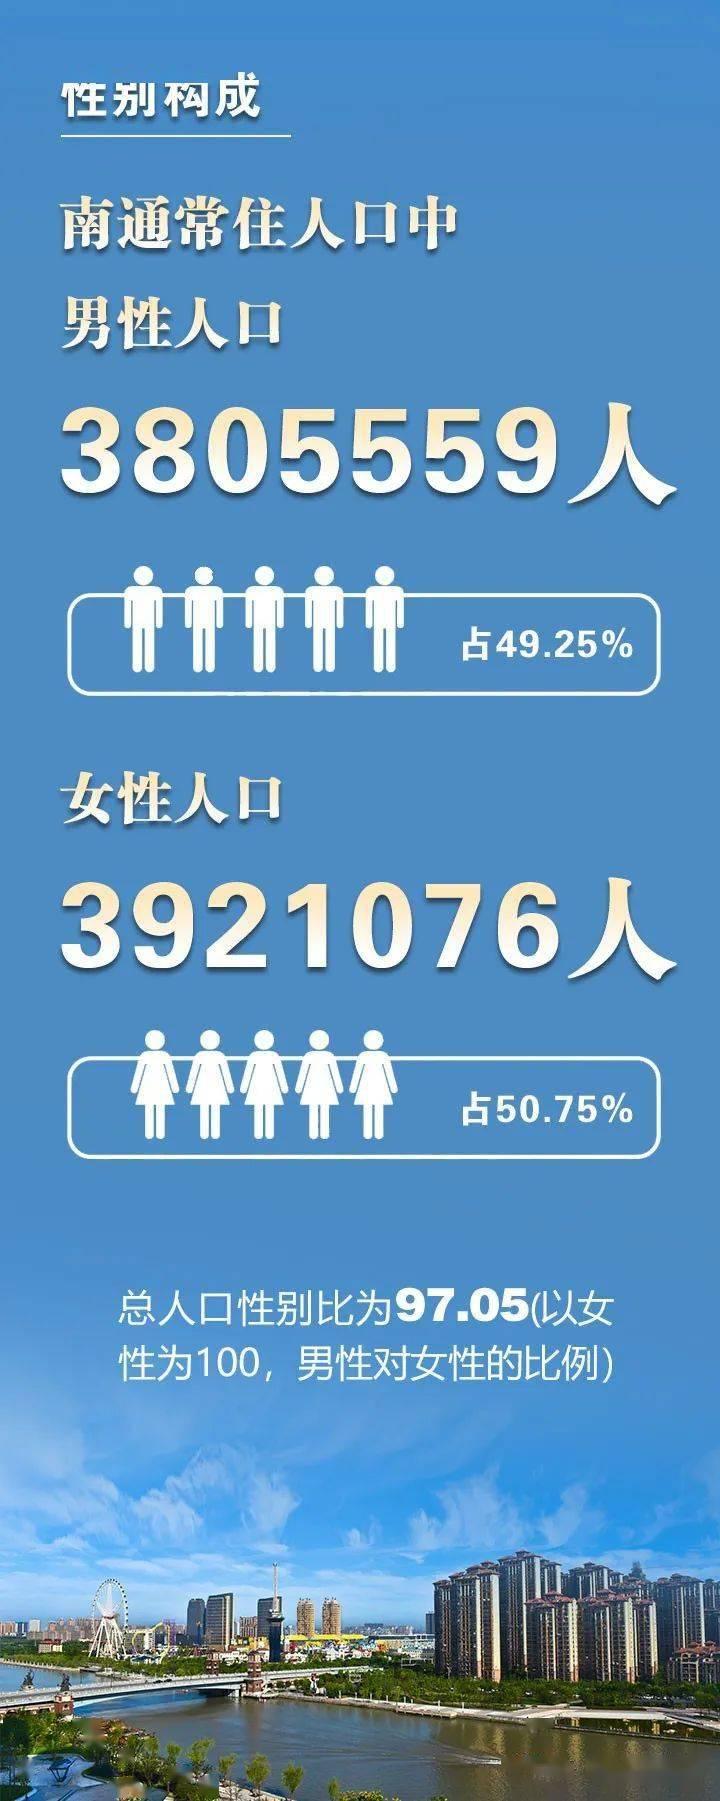 海安人口_海安最新人口普查公报!含人口情况、性别&年龄构成、受教育情